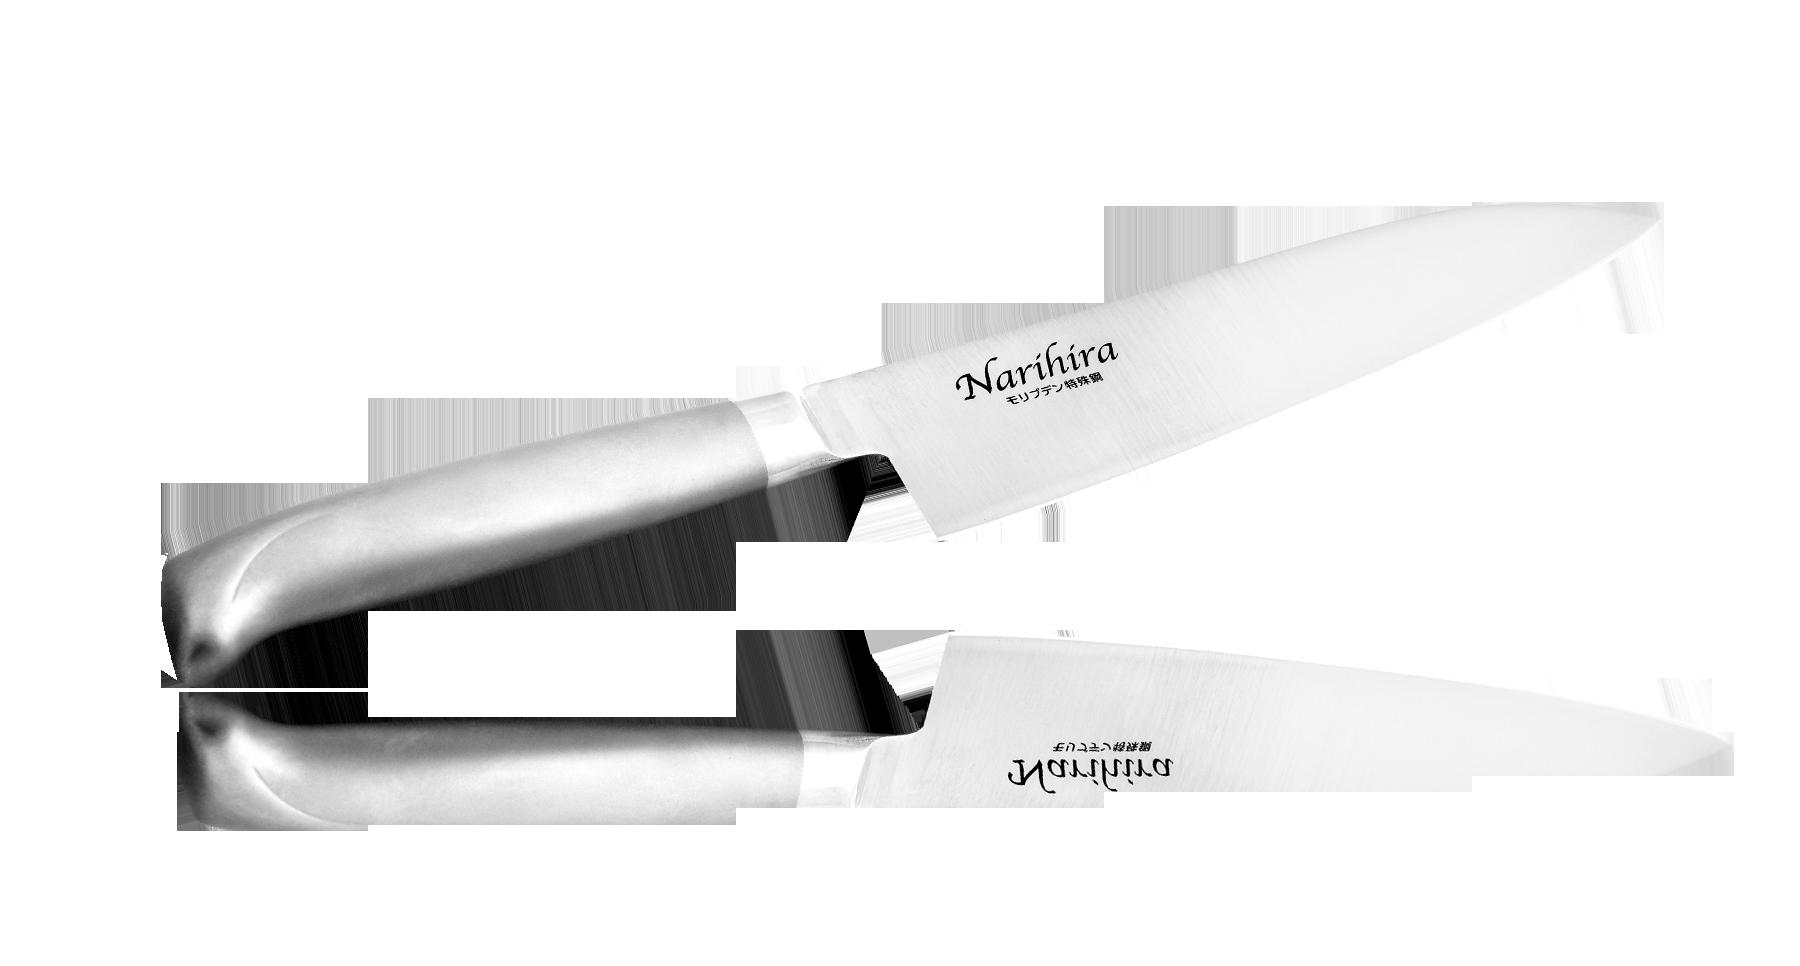 Фото 2 - Нож Сантоку Narihira Tojiro, 180 мм, сталь AUS-8, стальная рукоять